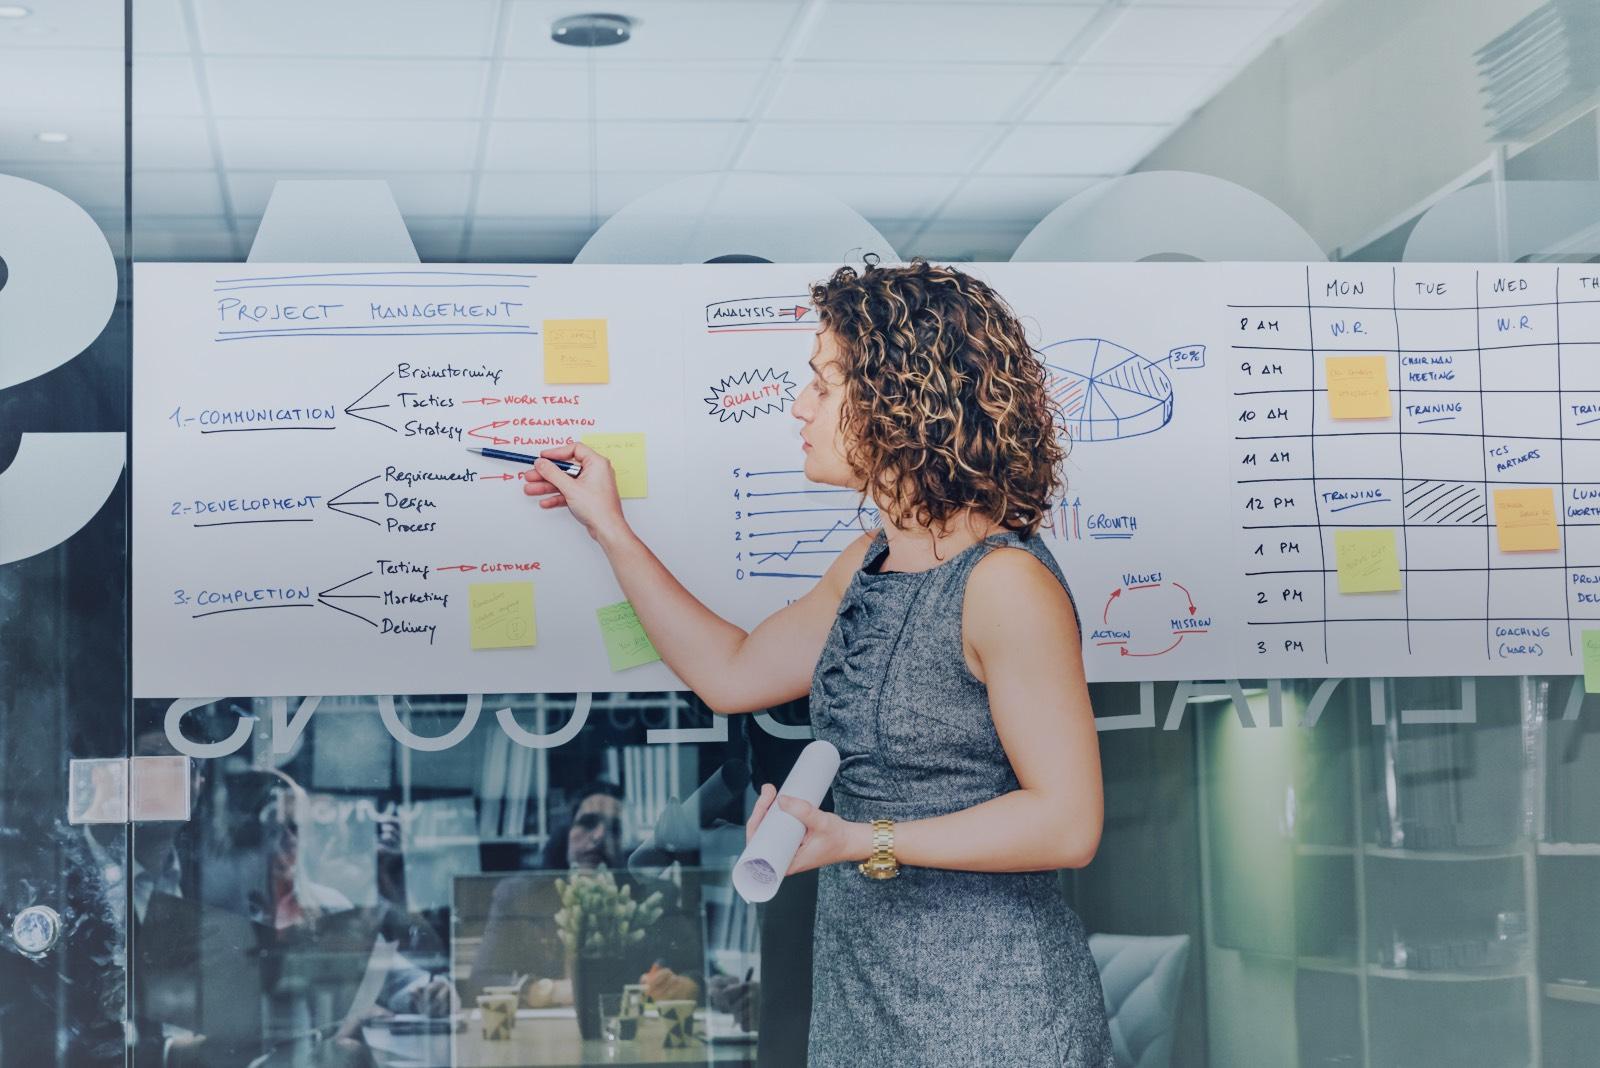 Eine Frau vor einem Managementpapier, die die nächsten Schritte zeigt.